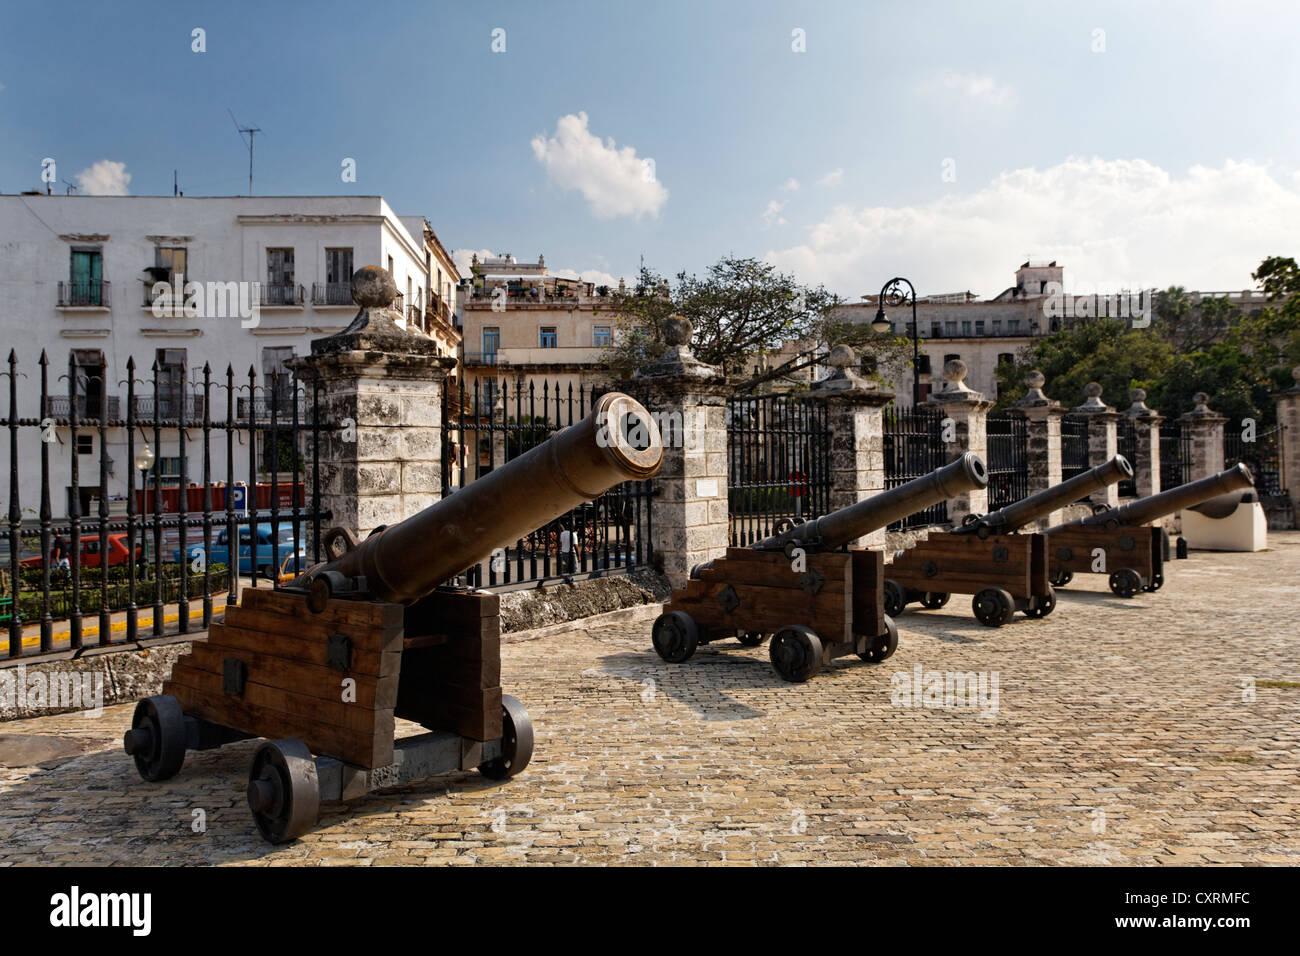 Cannon, Castillo de la Real Fuerza, Spanish fortress, O